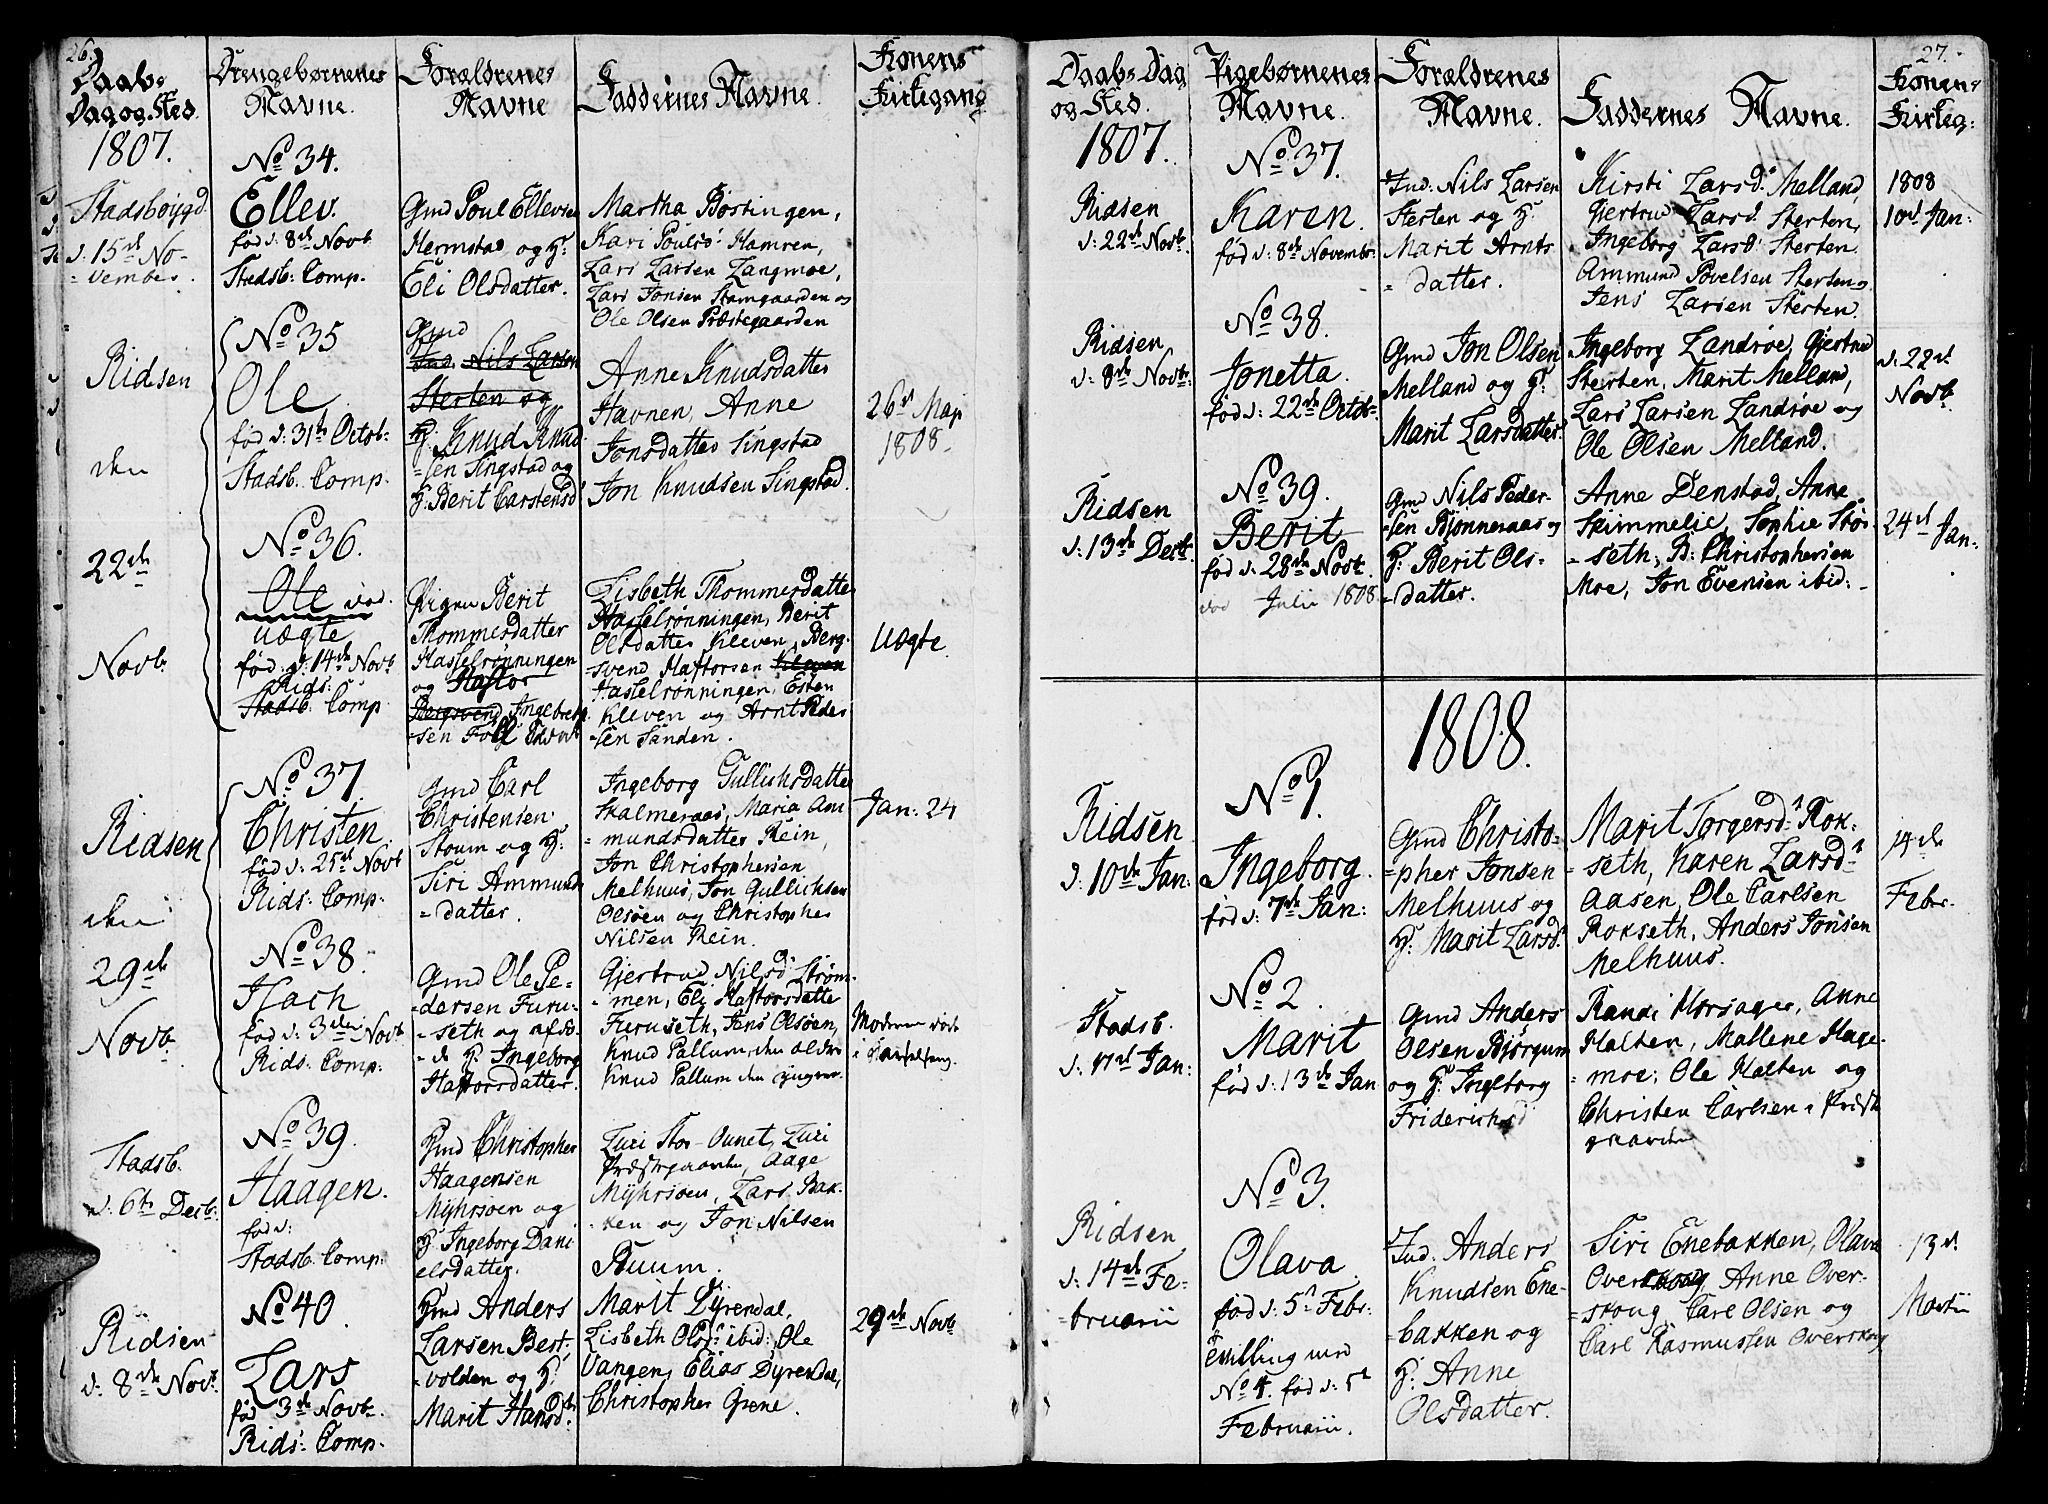 SAT, Ministerialprotokoller, klokkerbøker og fødselsregistre - Sør-Trøndelag, 646/L0607: Ministerialbok nr. 646A05, 1806-1815, s. 26-27